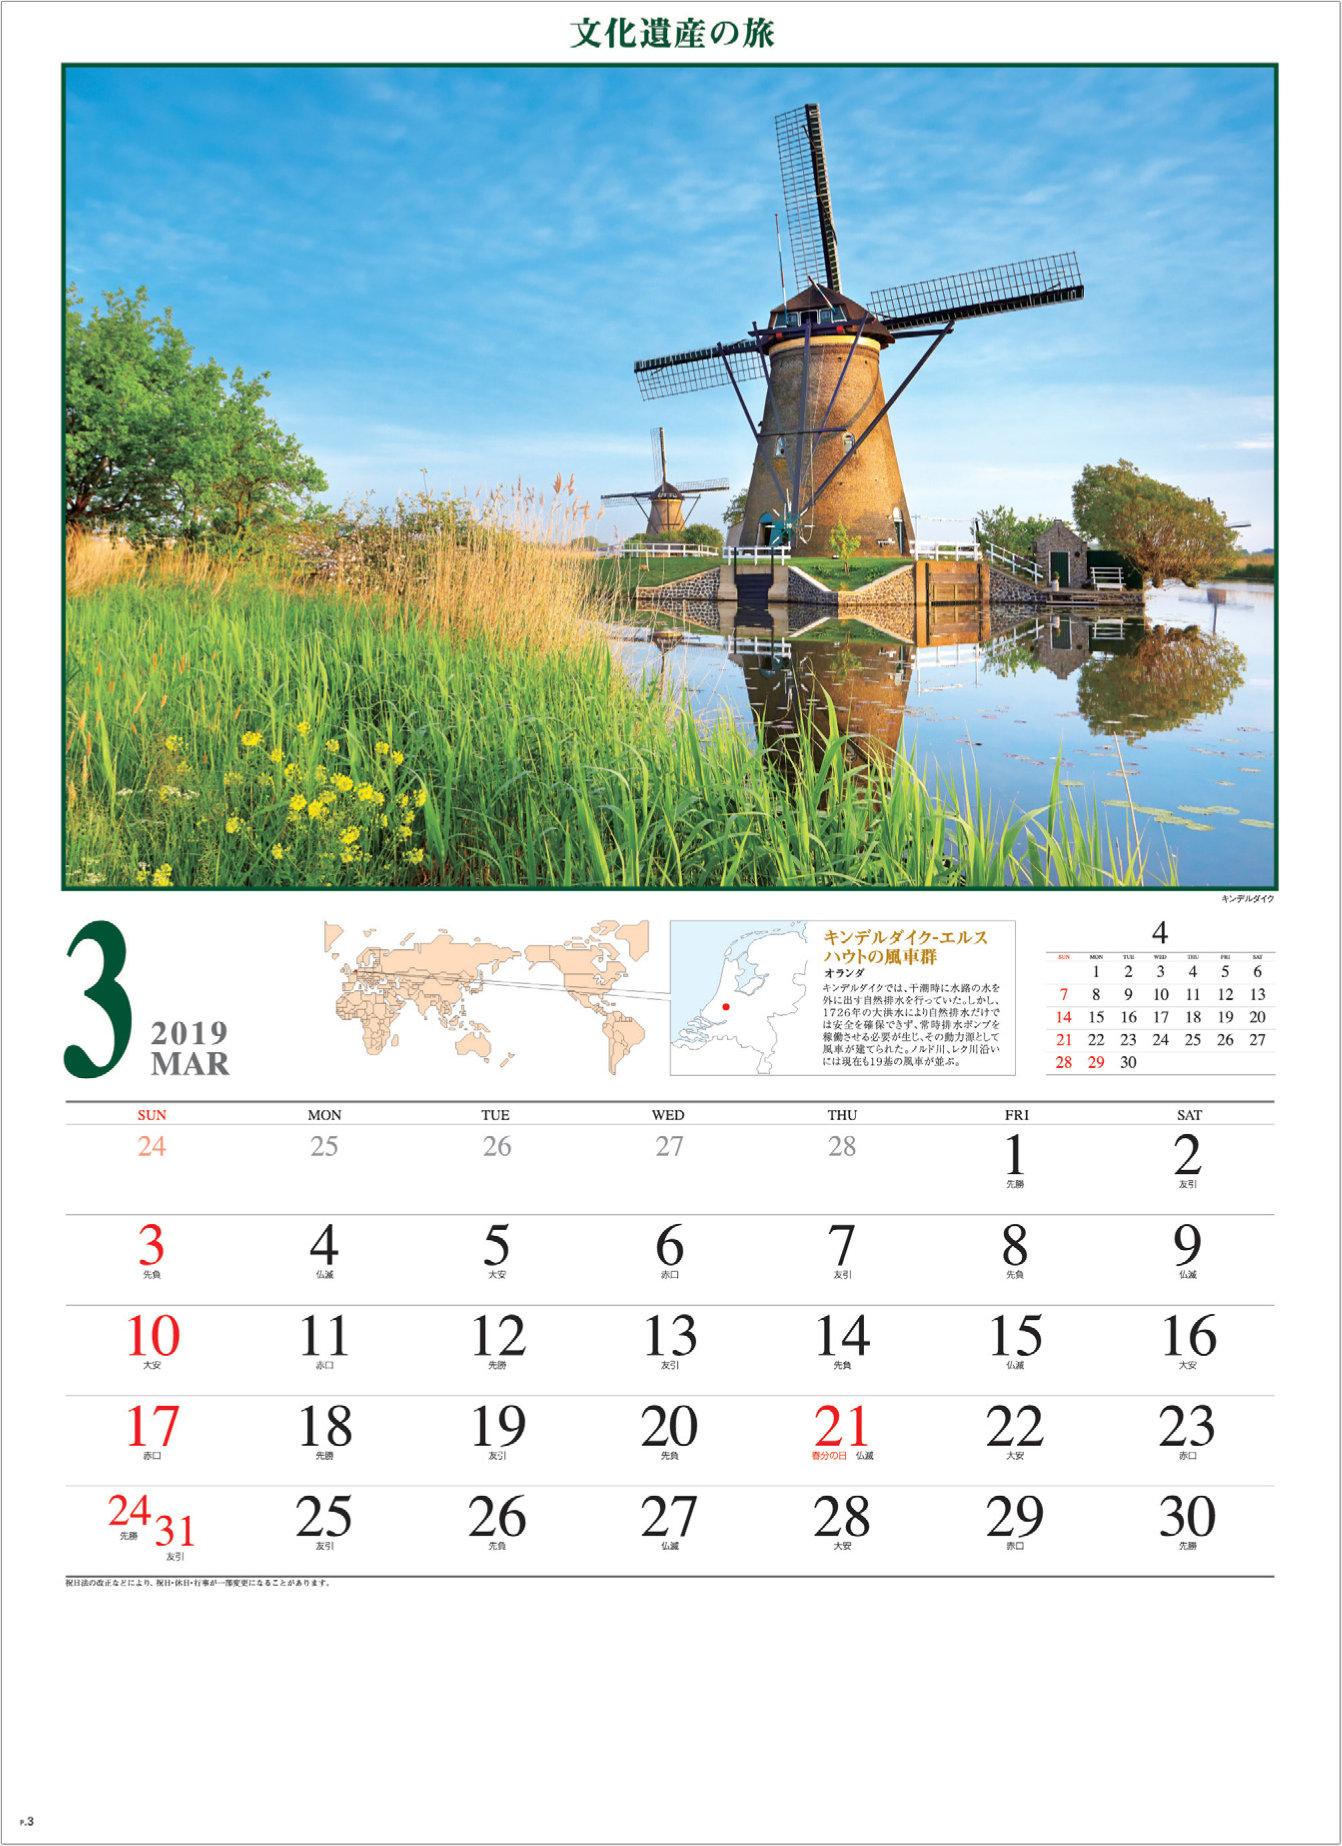 画像:オランダの世界遺産 キンデルダイク 文化遺産の旅(ユネスコ世界遺産) 2019年カレンダー